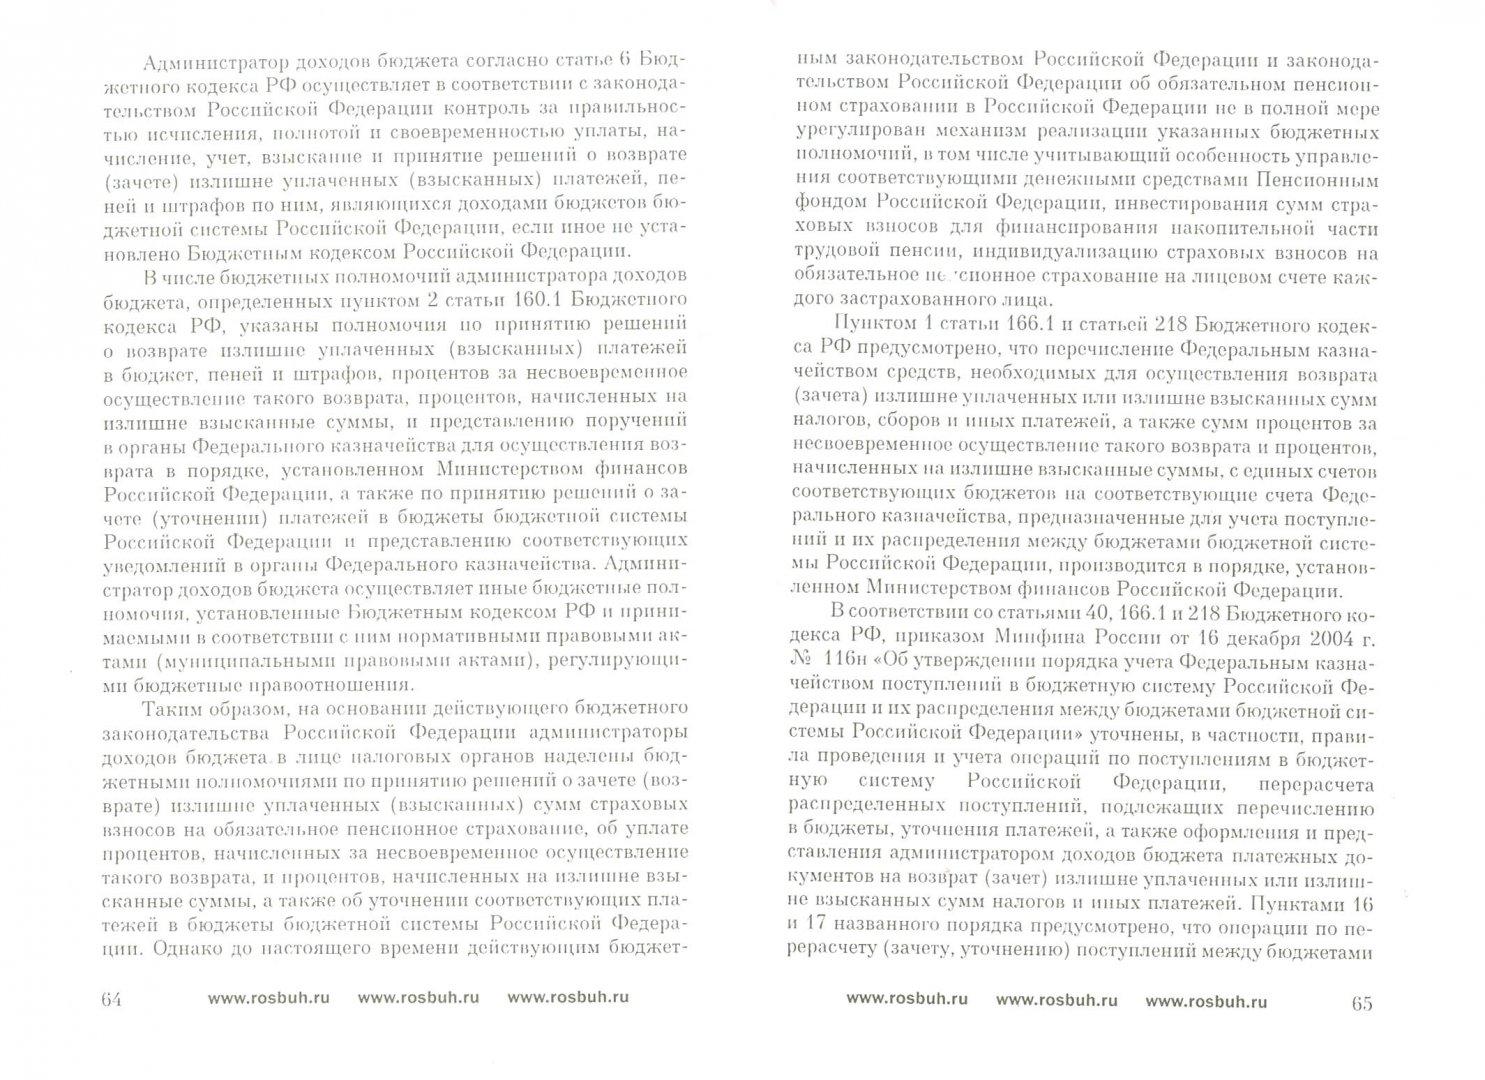 Иллюстрация 1 из 2 для Зачет и возврат налогов - Иван Феоктистов | Лабиринт - книги. Источник: Лабиринт